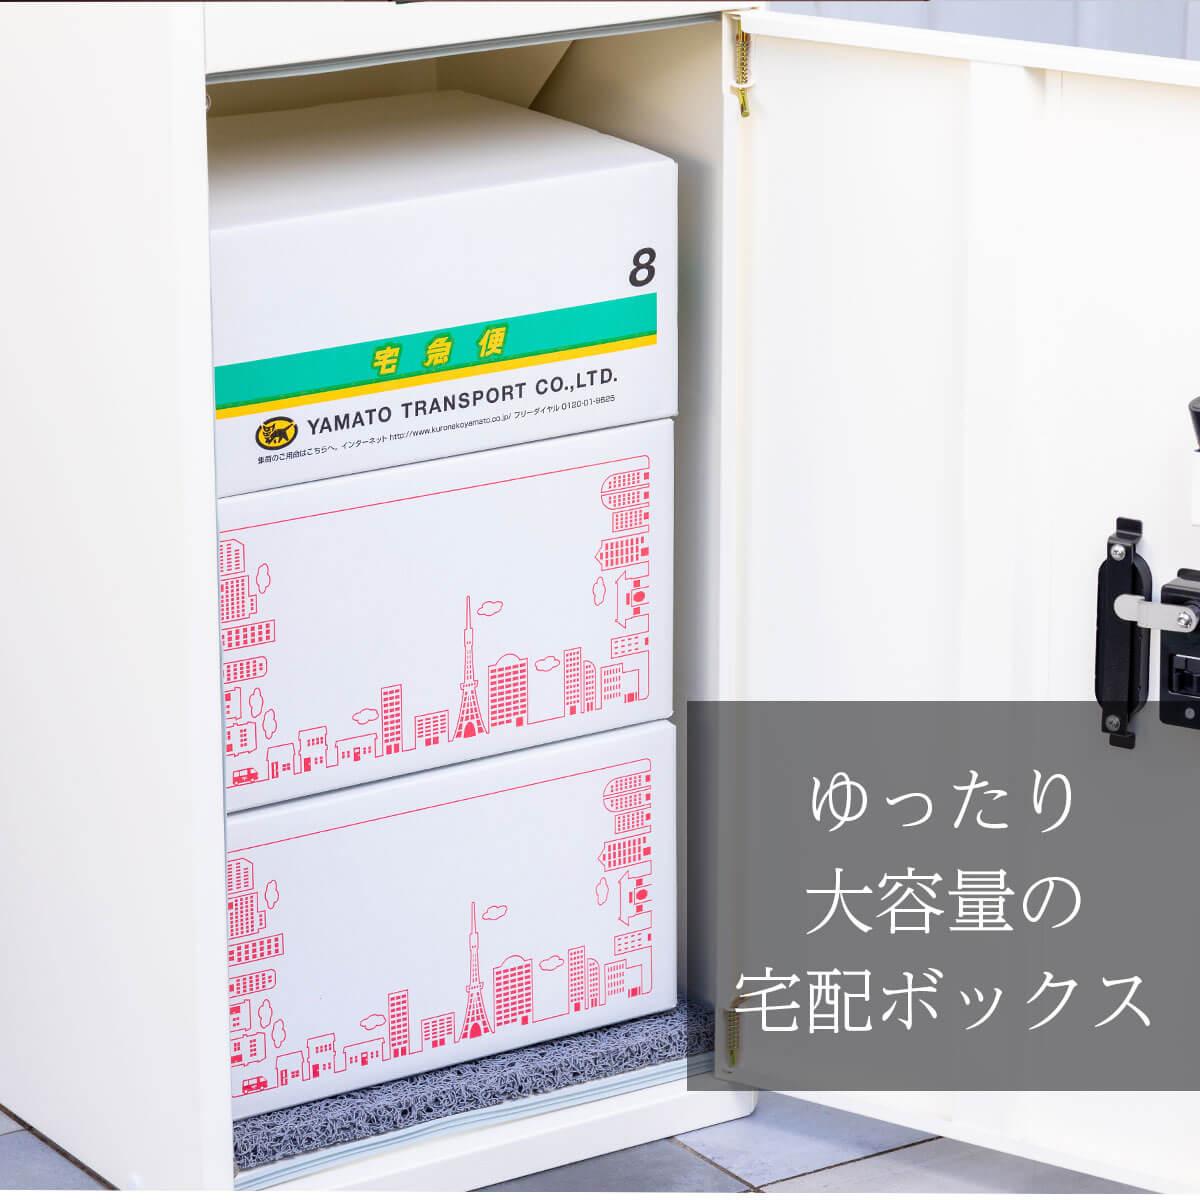 宅配ボックス ルスネコボックス 4色から選べる 普及価格帯を実現 おしゃれなデザイン性の高い戸建用 組み立て不要 完成品 ワイヤー式の簡易型にない安心感